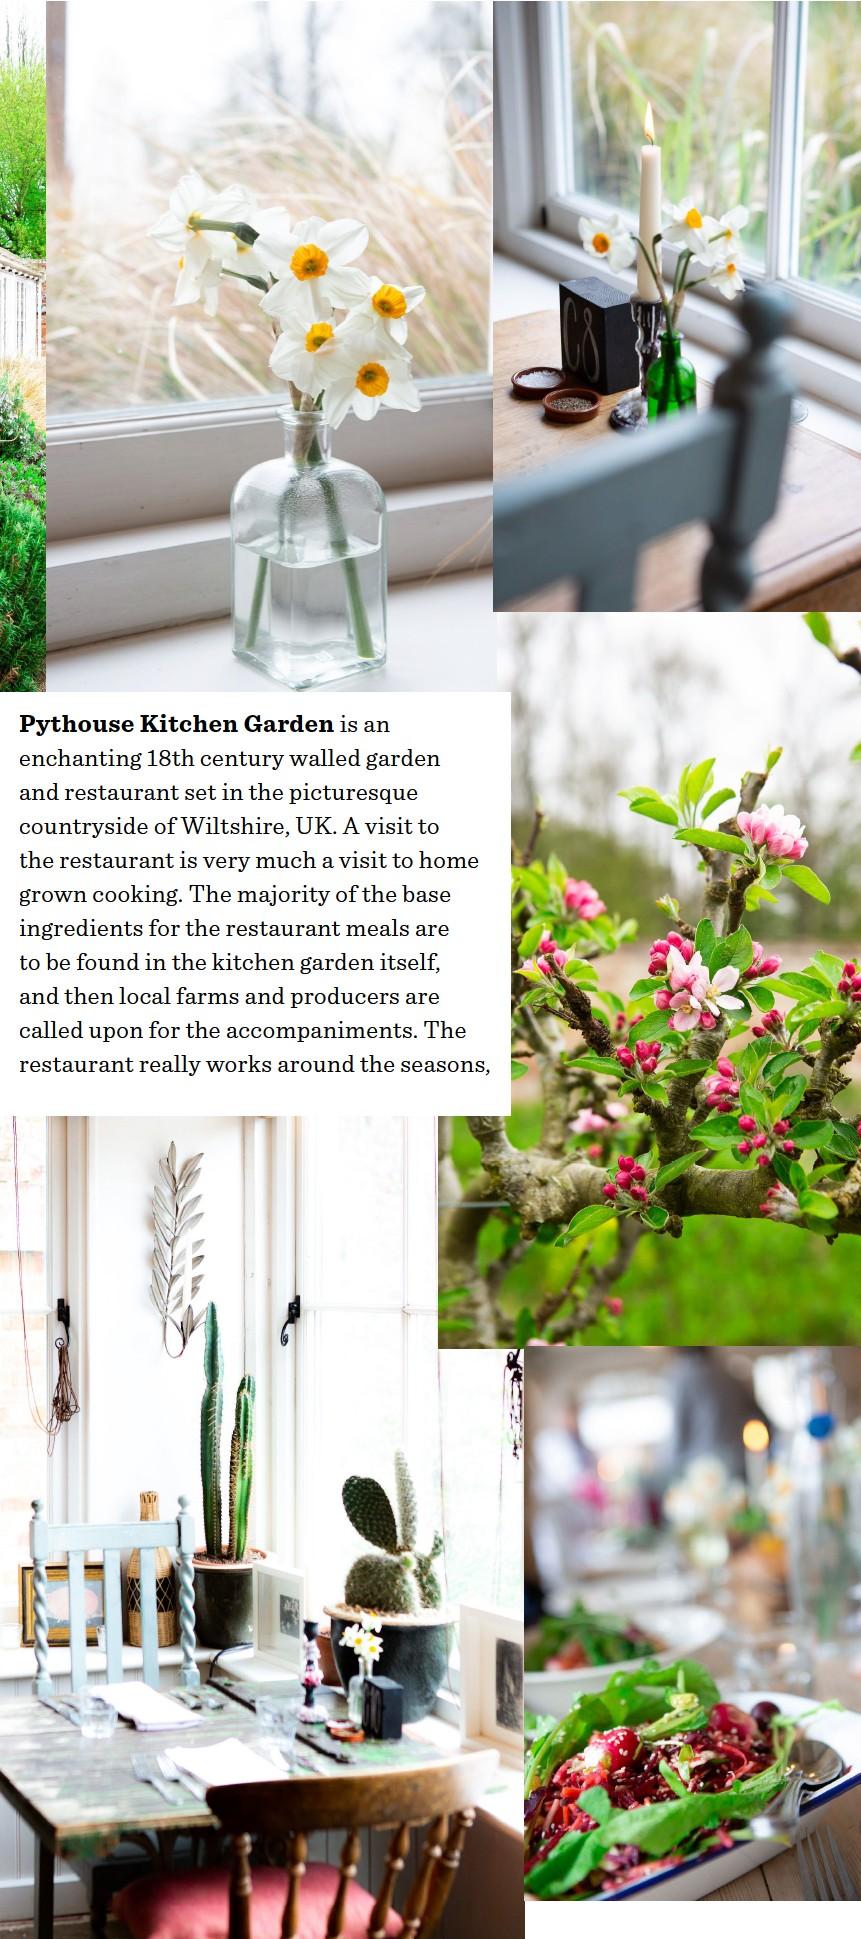 PressReader - Chic & Country: 2018-05-08 - Pythouse Kitchen Garden